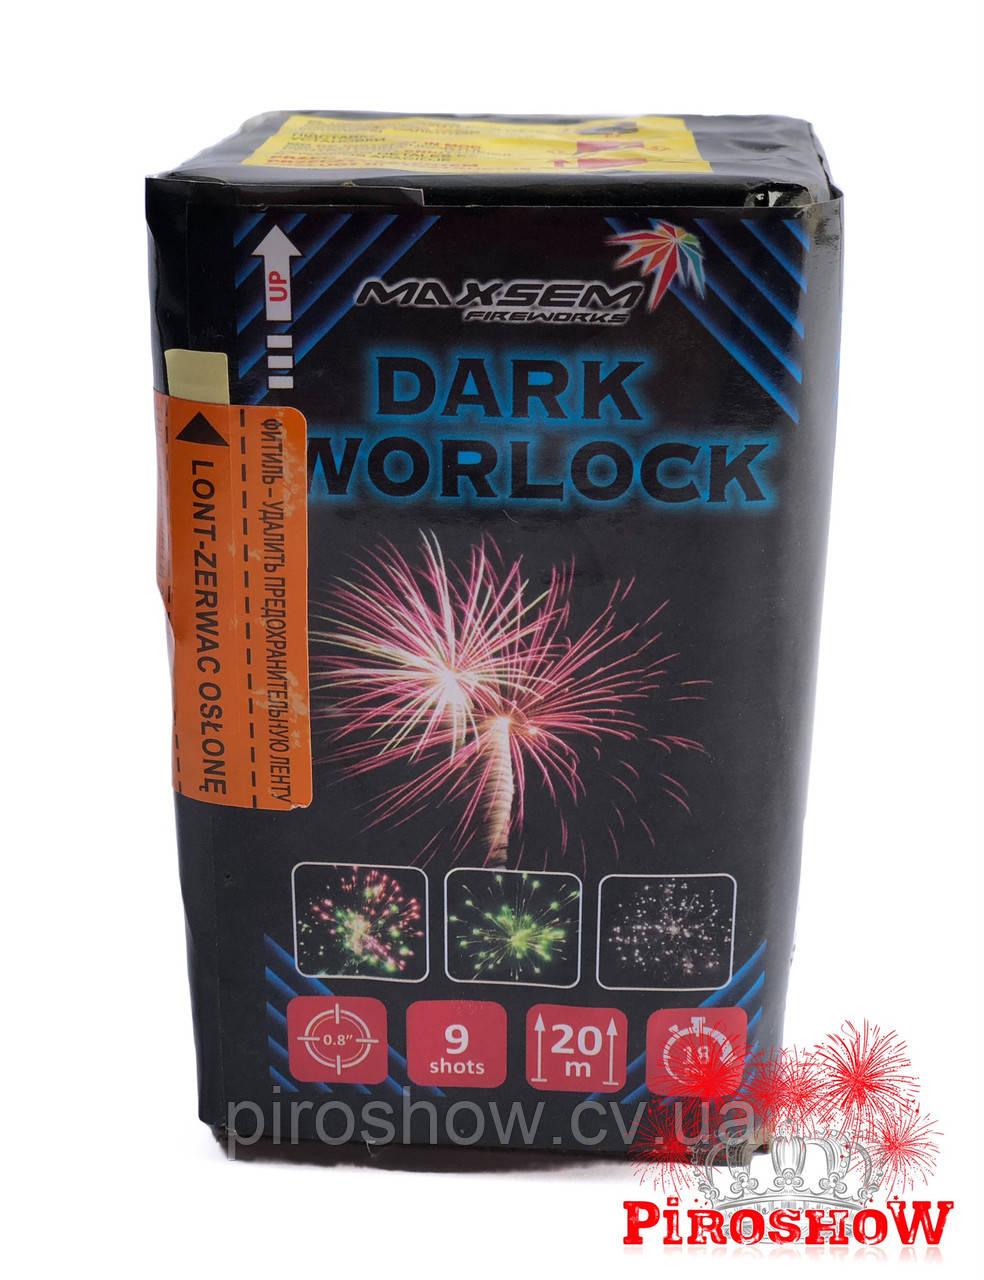 Салютная установка DARK WORLOCK 9 выстрелов/20 калибр